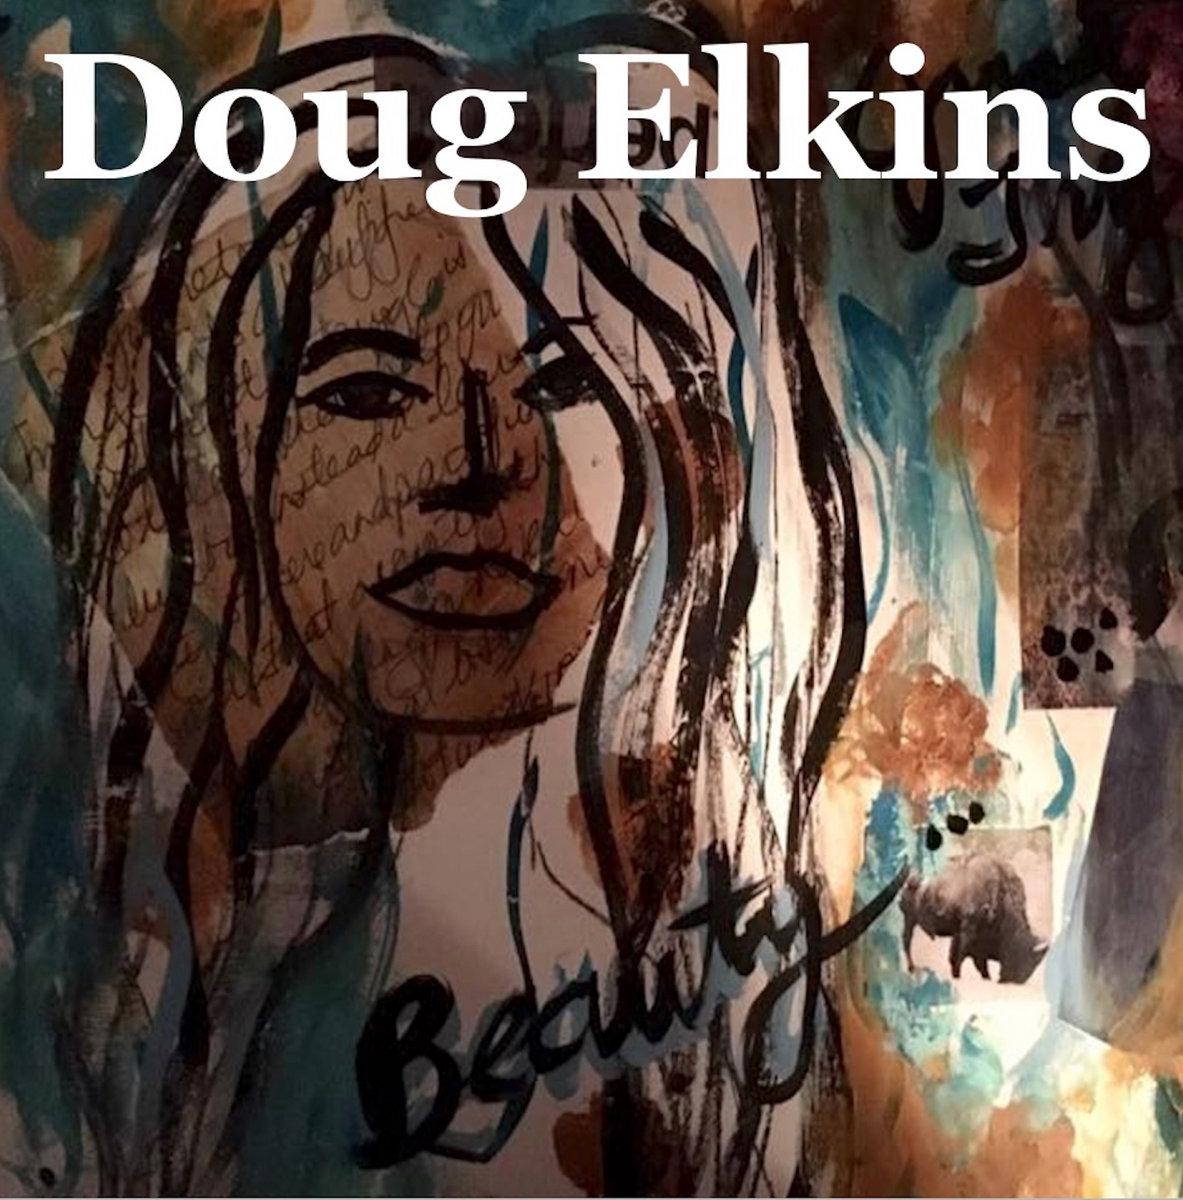 Beauty by Doug Elkins